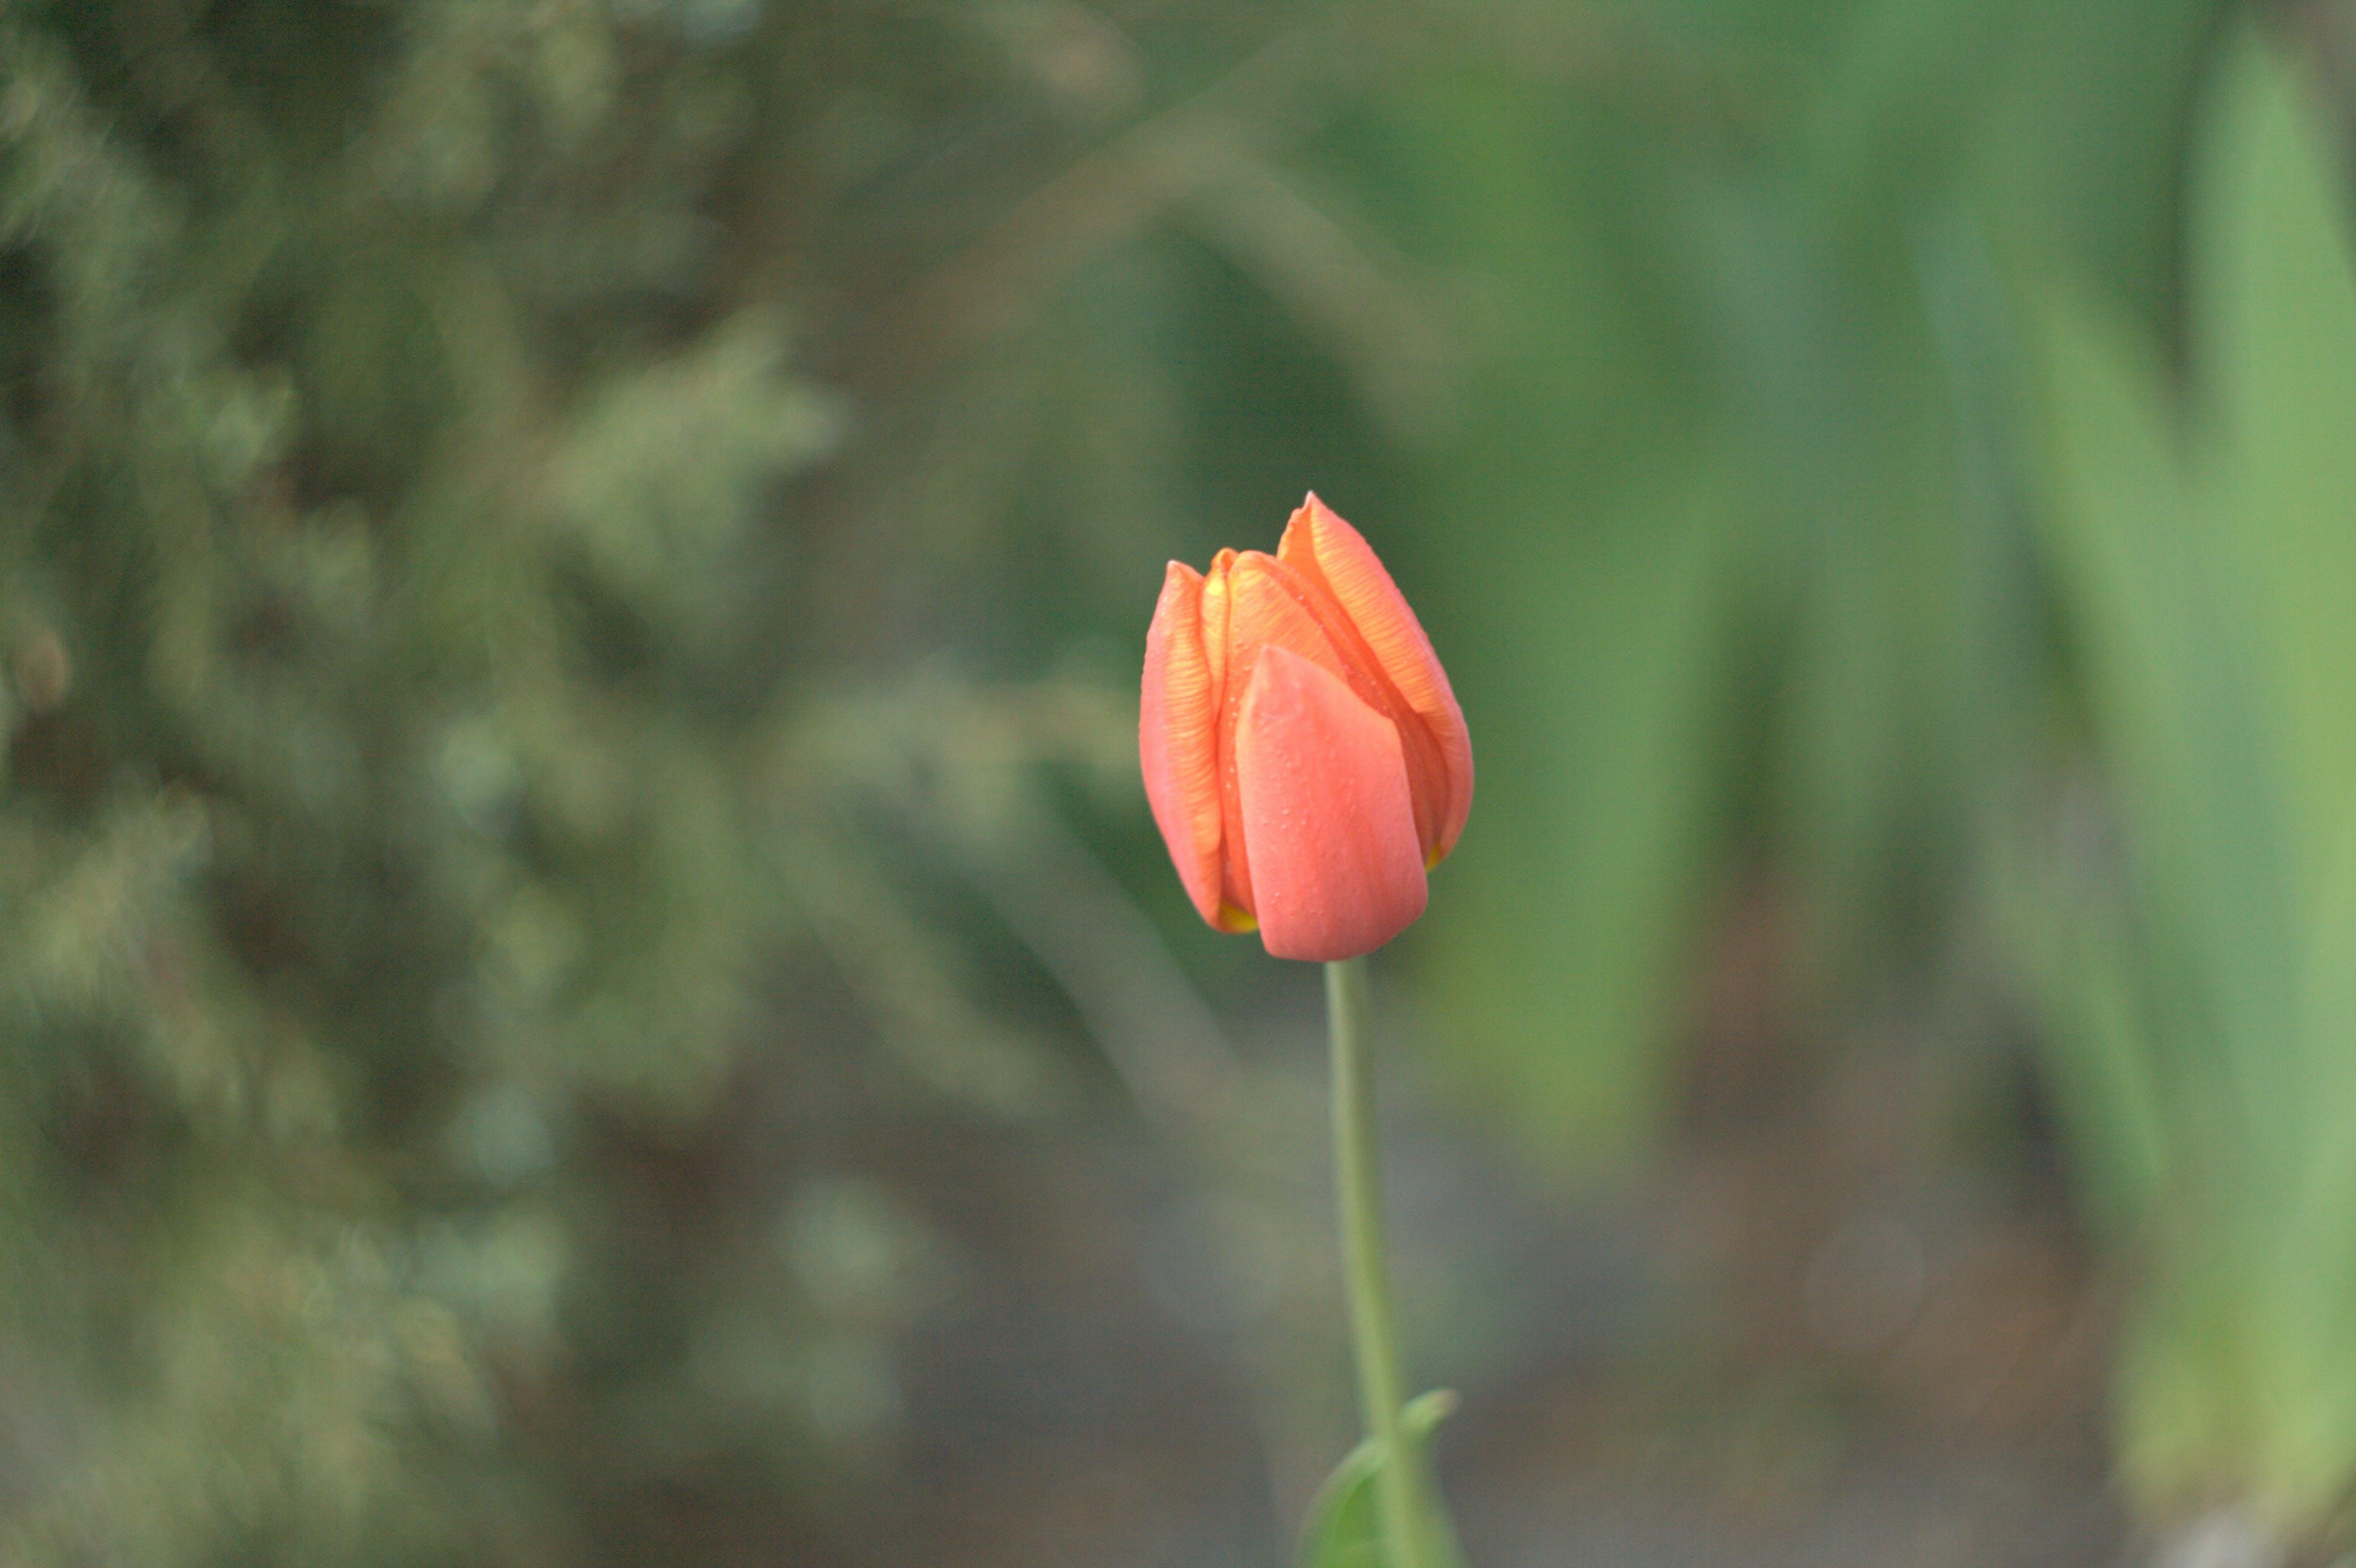 Ảnh lưu trữ miễn phí về cận cảnh, cỏ, hệ thực vật, hoa tulip